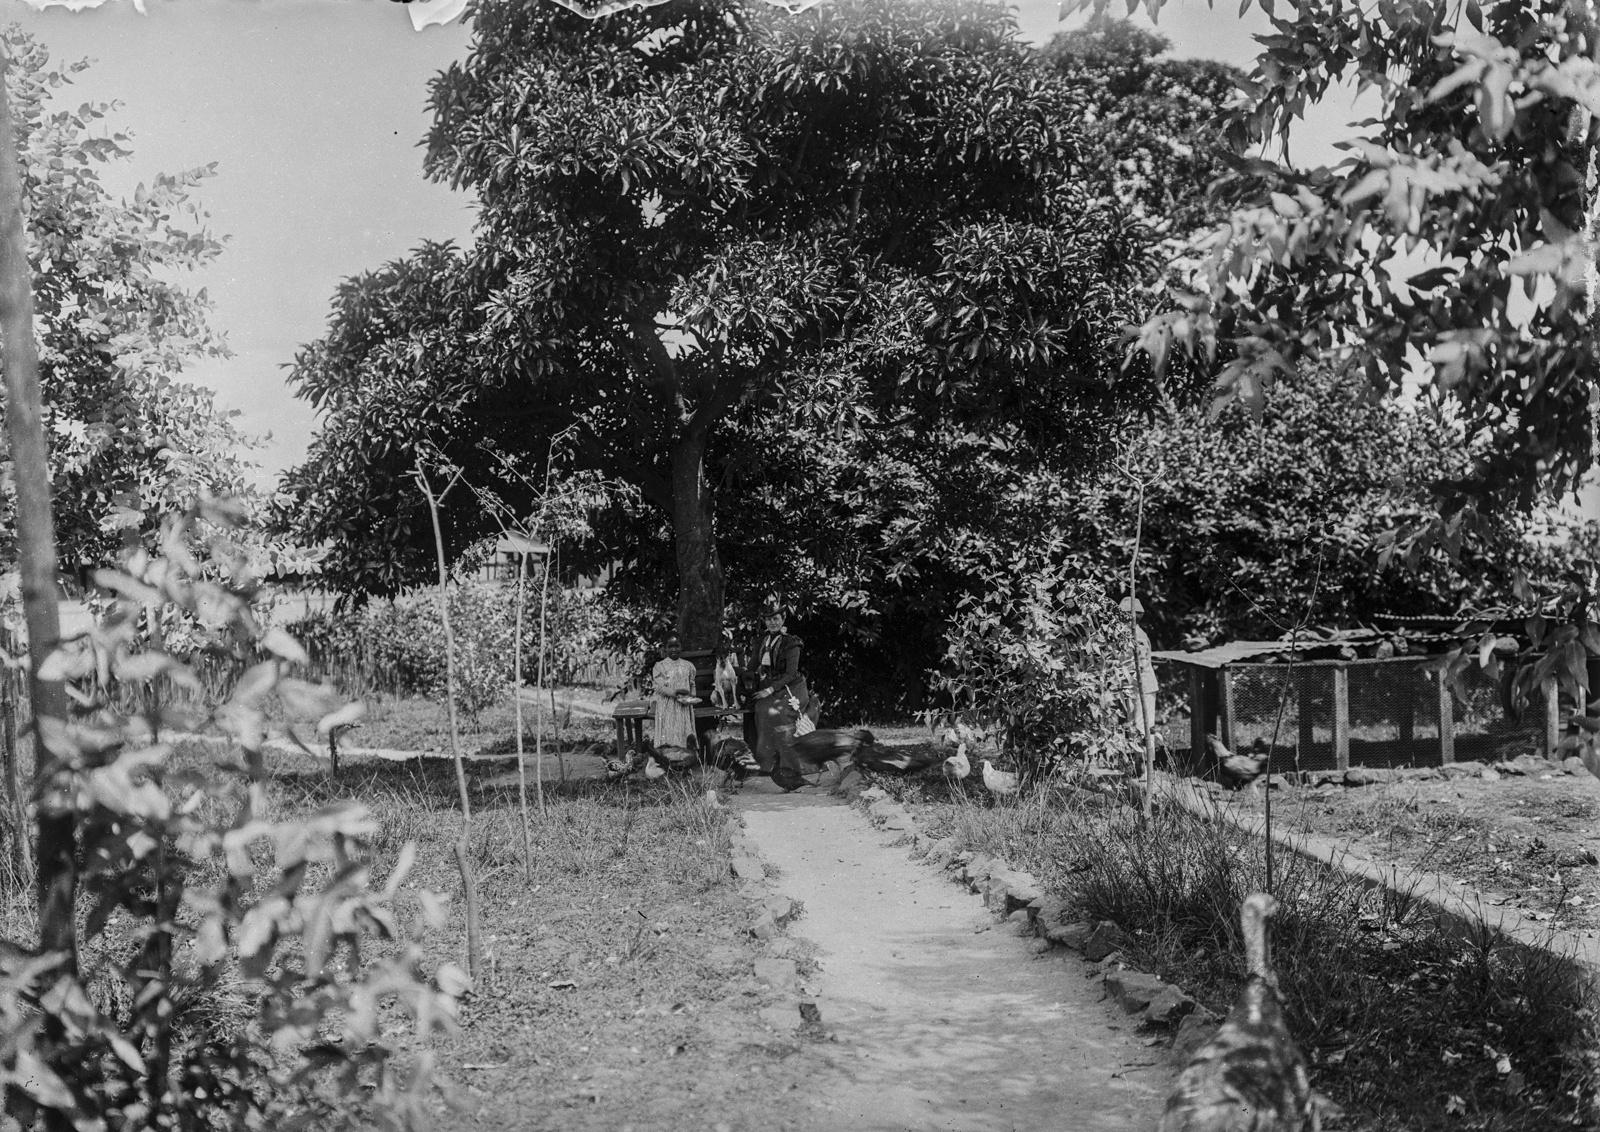 114. Станция немецкого общества Восточной Африки (ДОАГ) в Моши. Амели Йоханнес и девочка, кормящая цыплят в саду